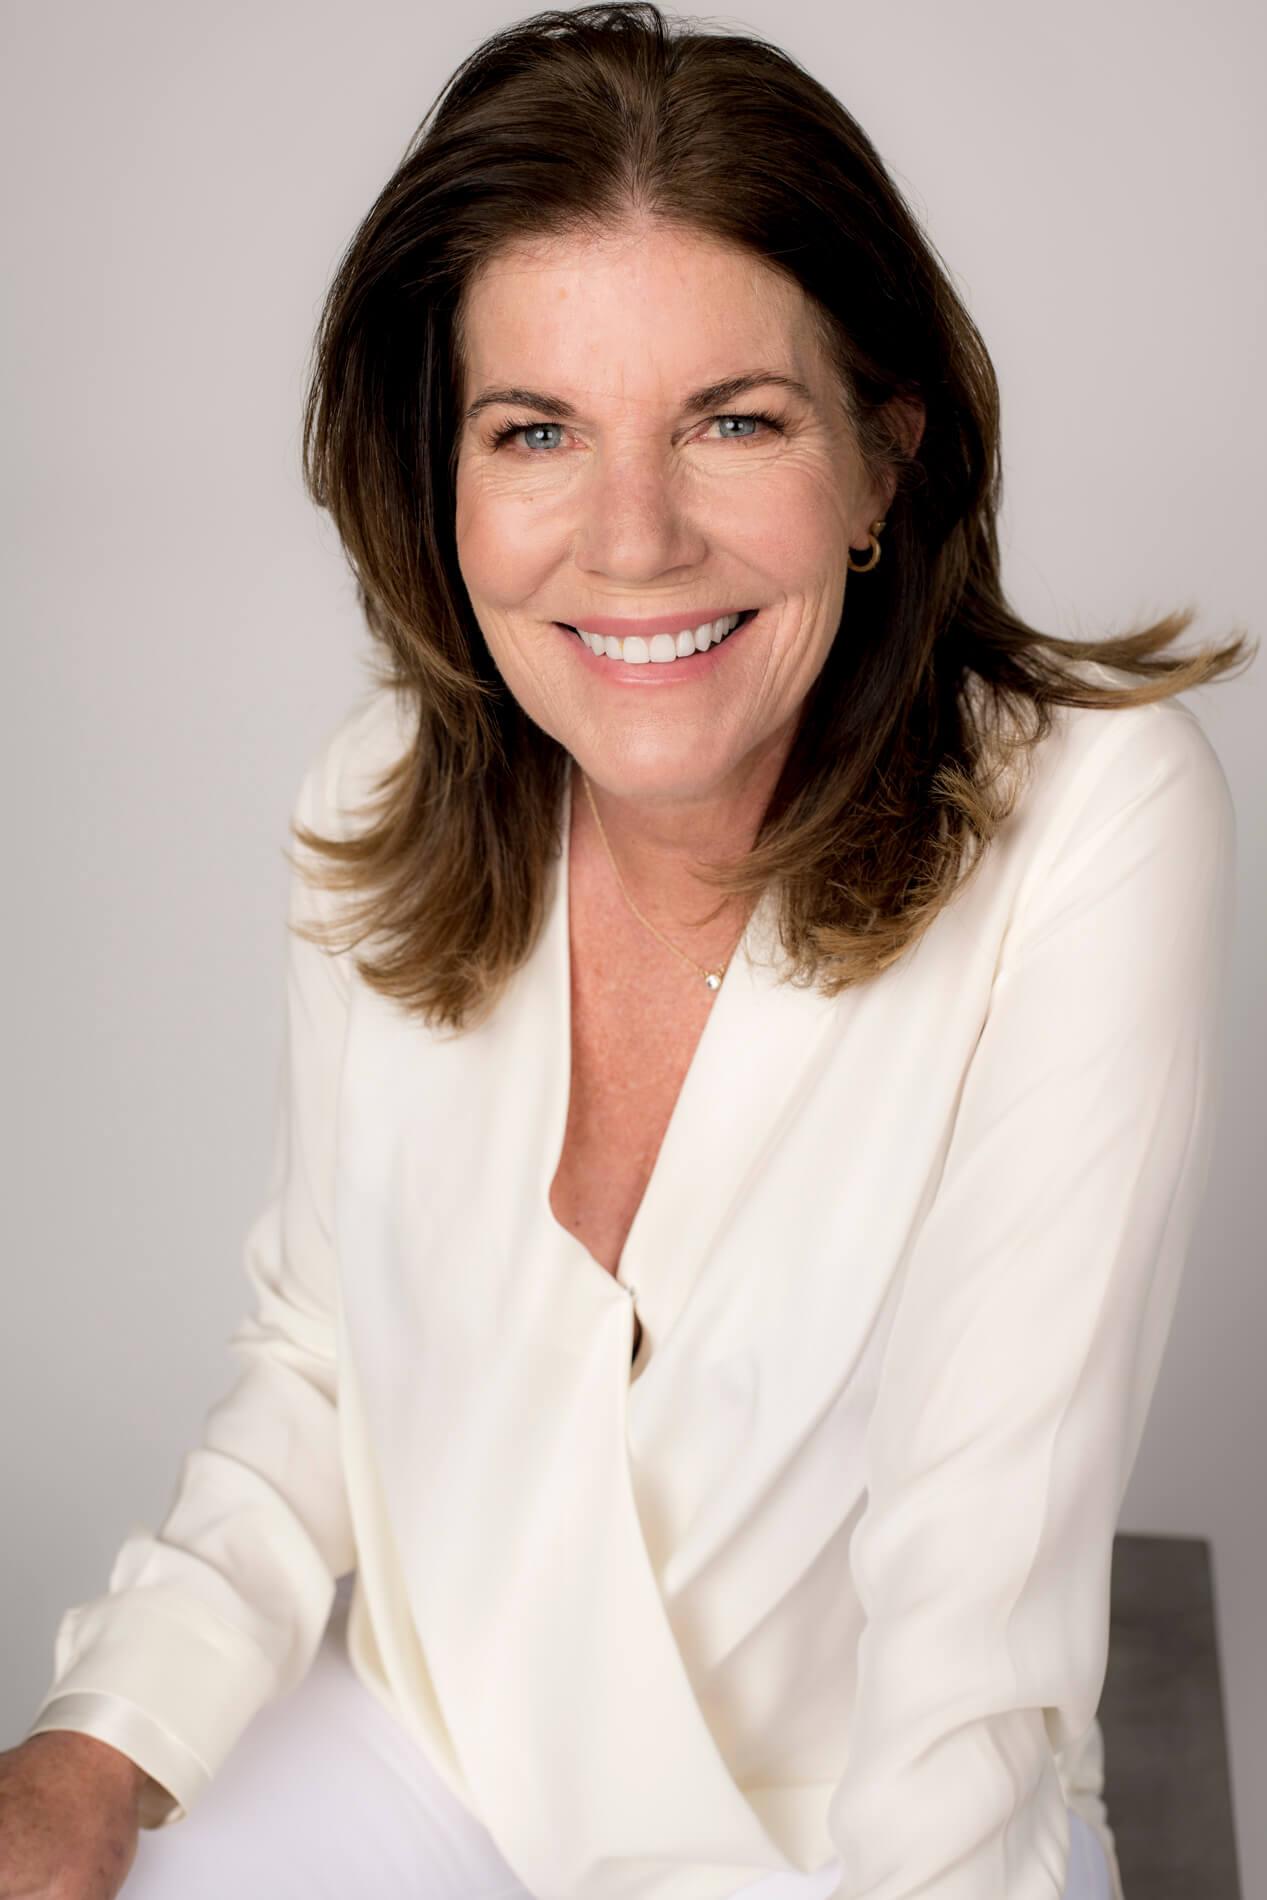 Amy Mottier